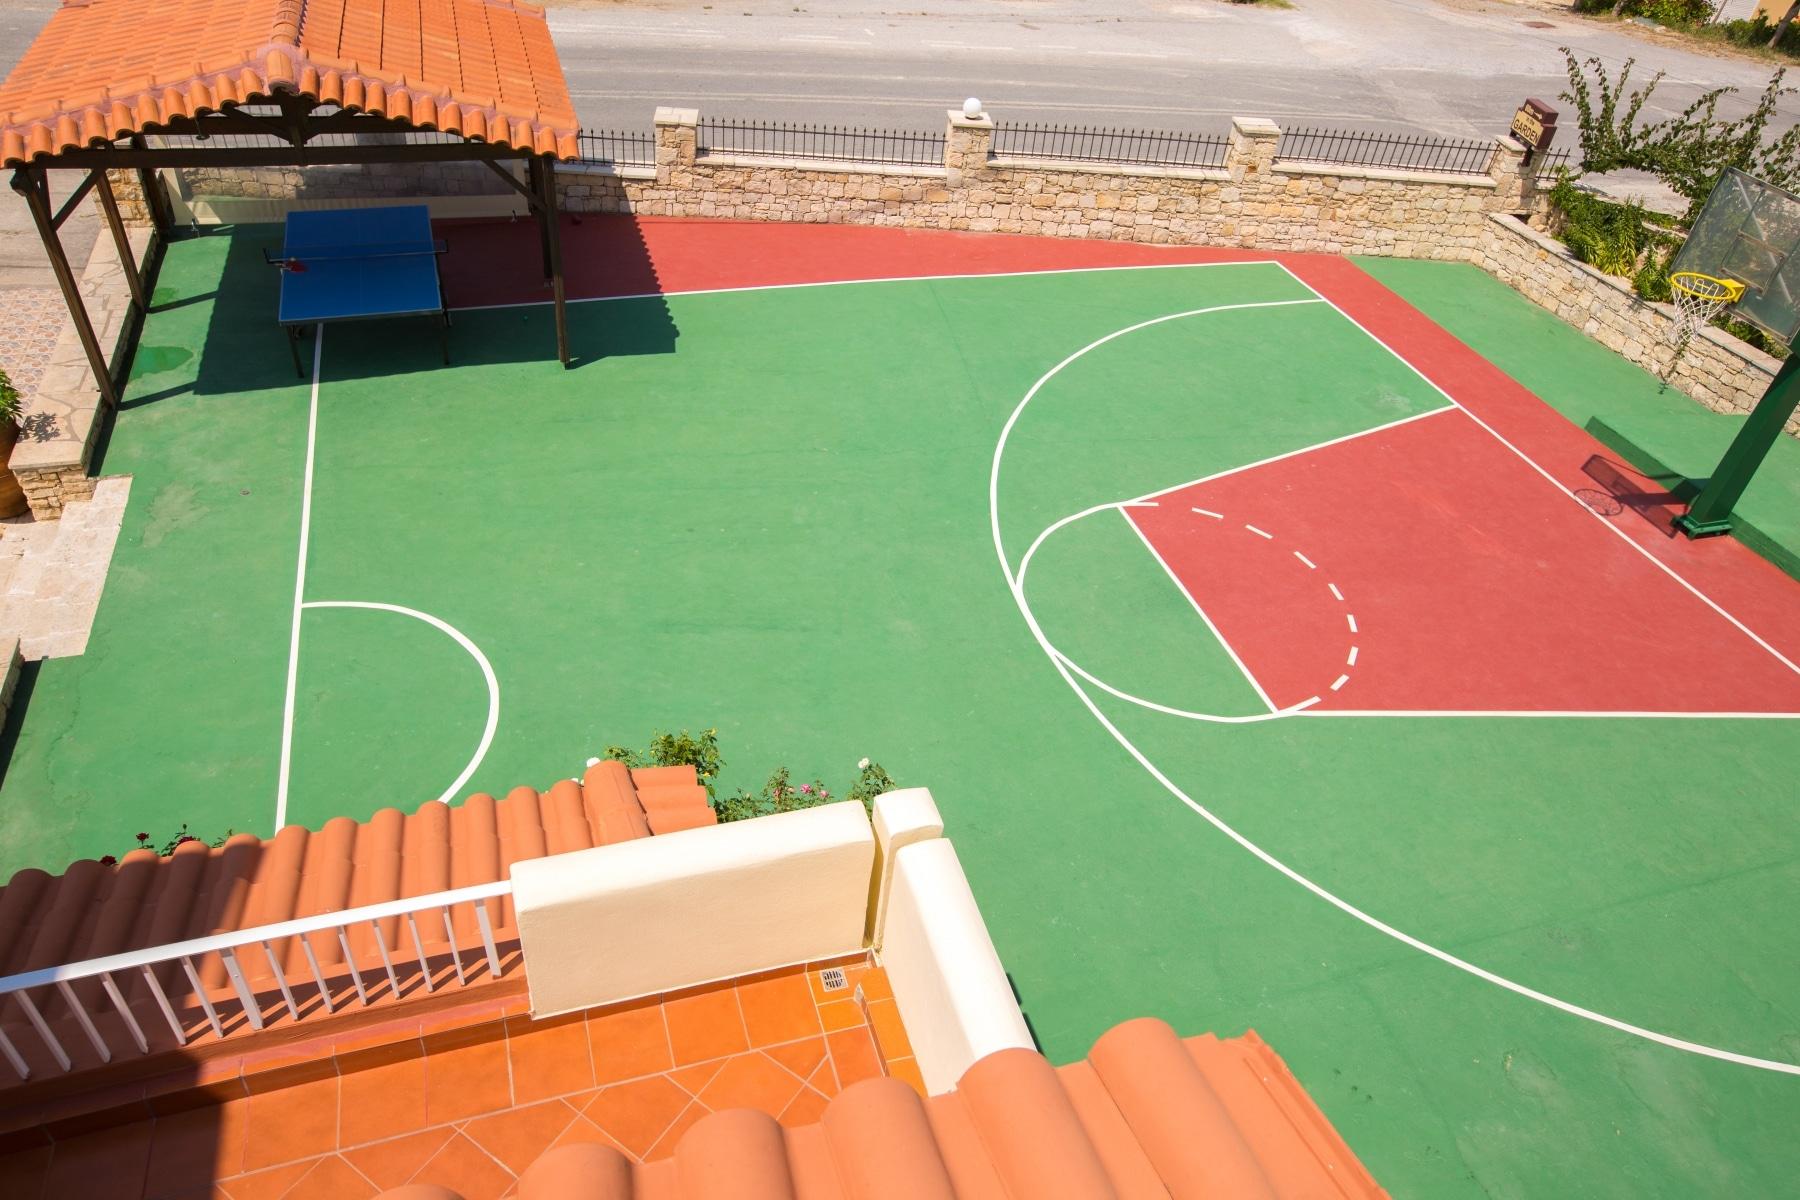 pigi greece basketball court